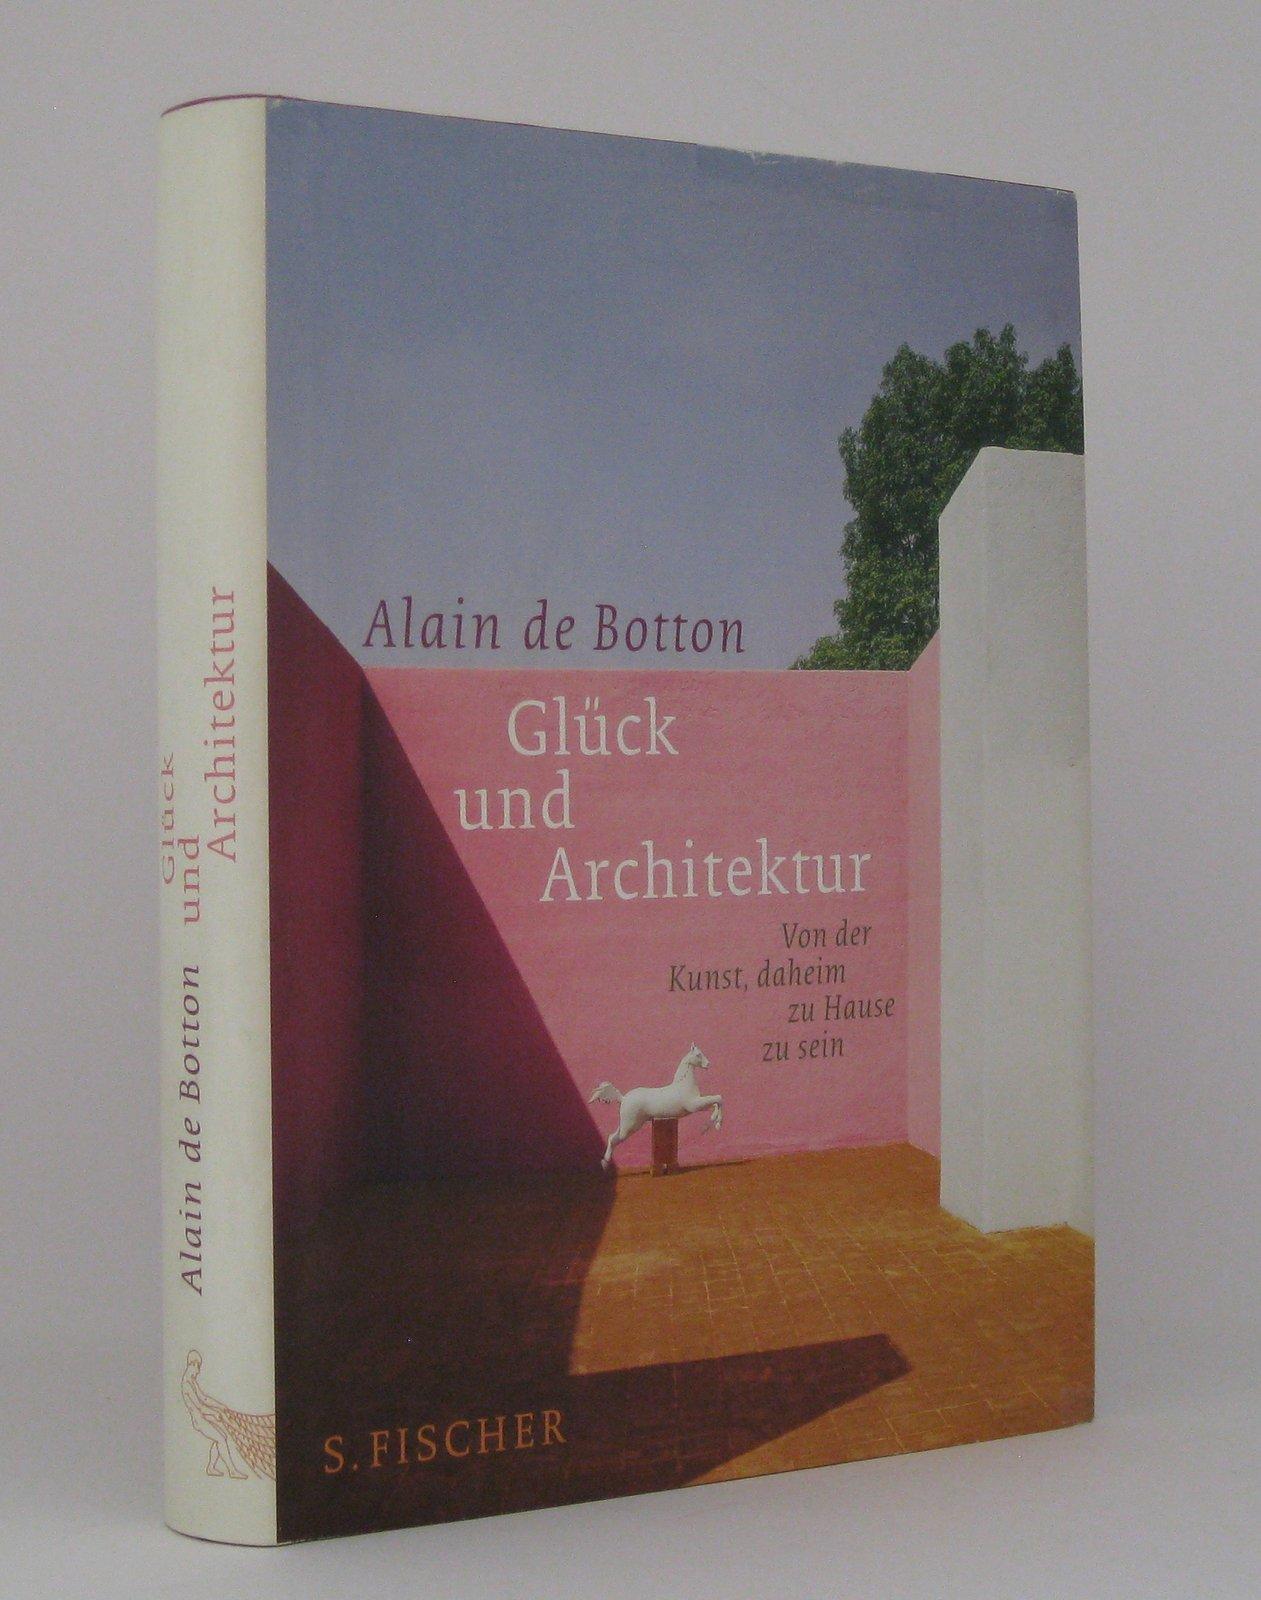 Glück und Architektur : Von der Kunst, daheim zu Hause zu sein - Botton, Alain de